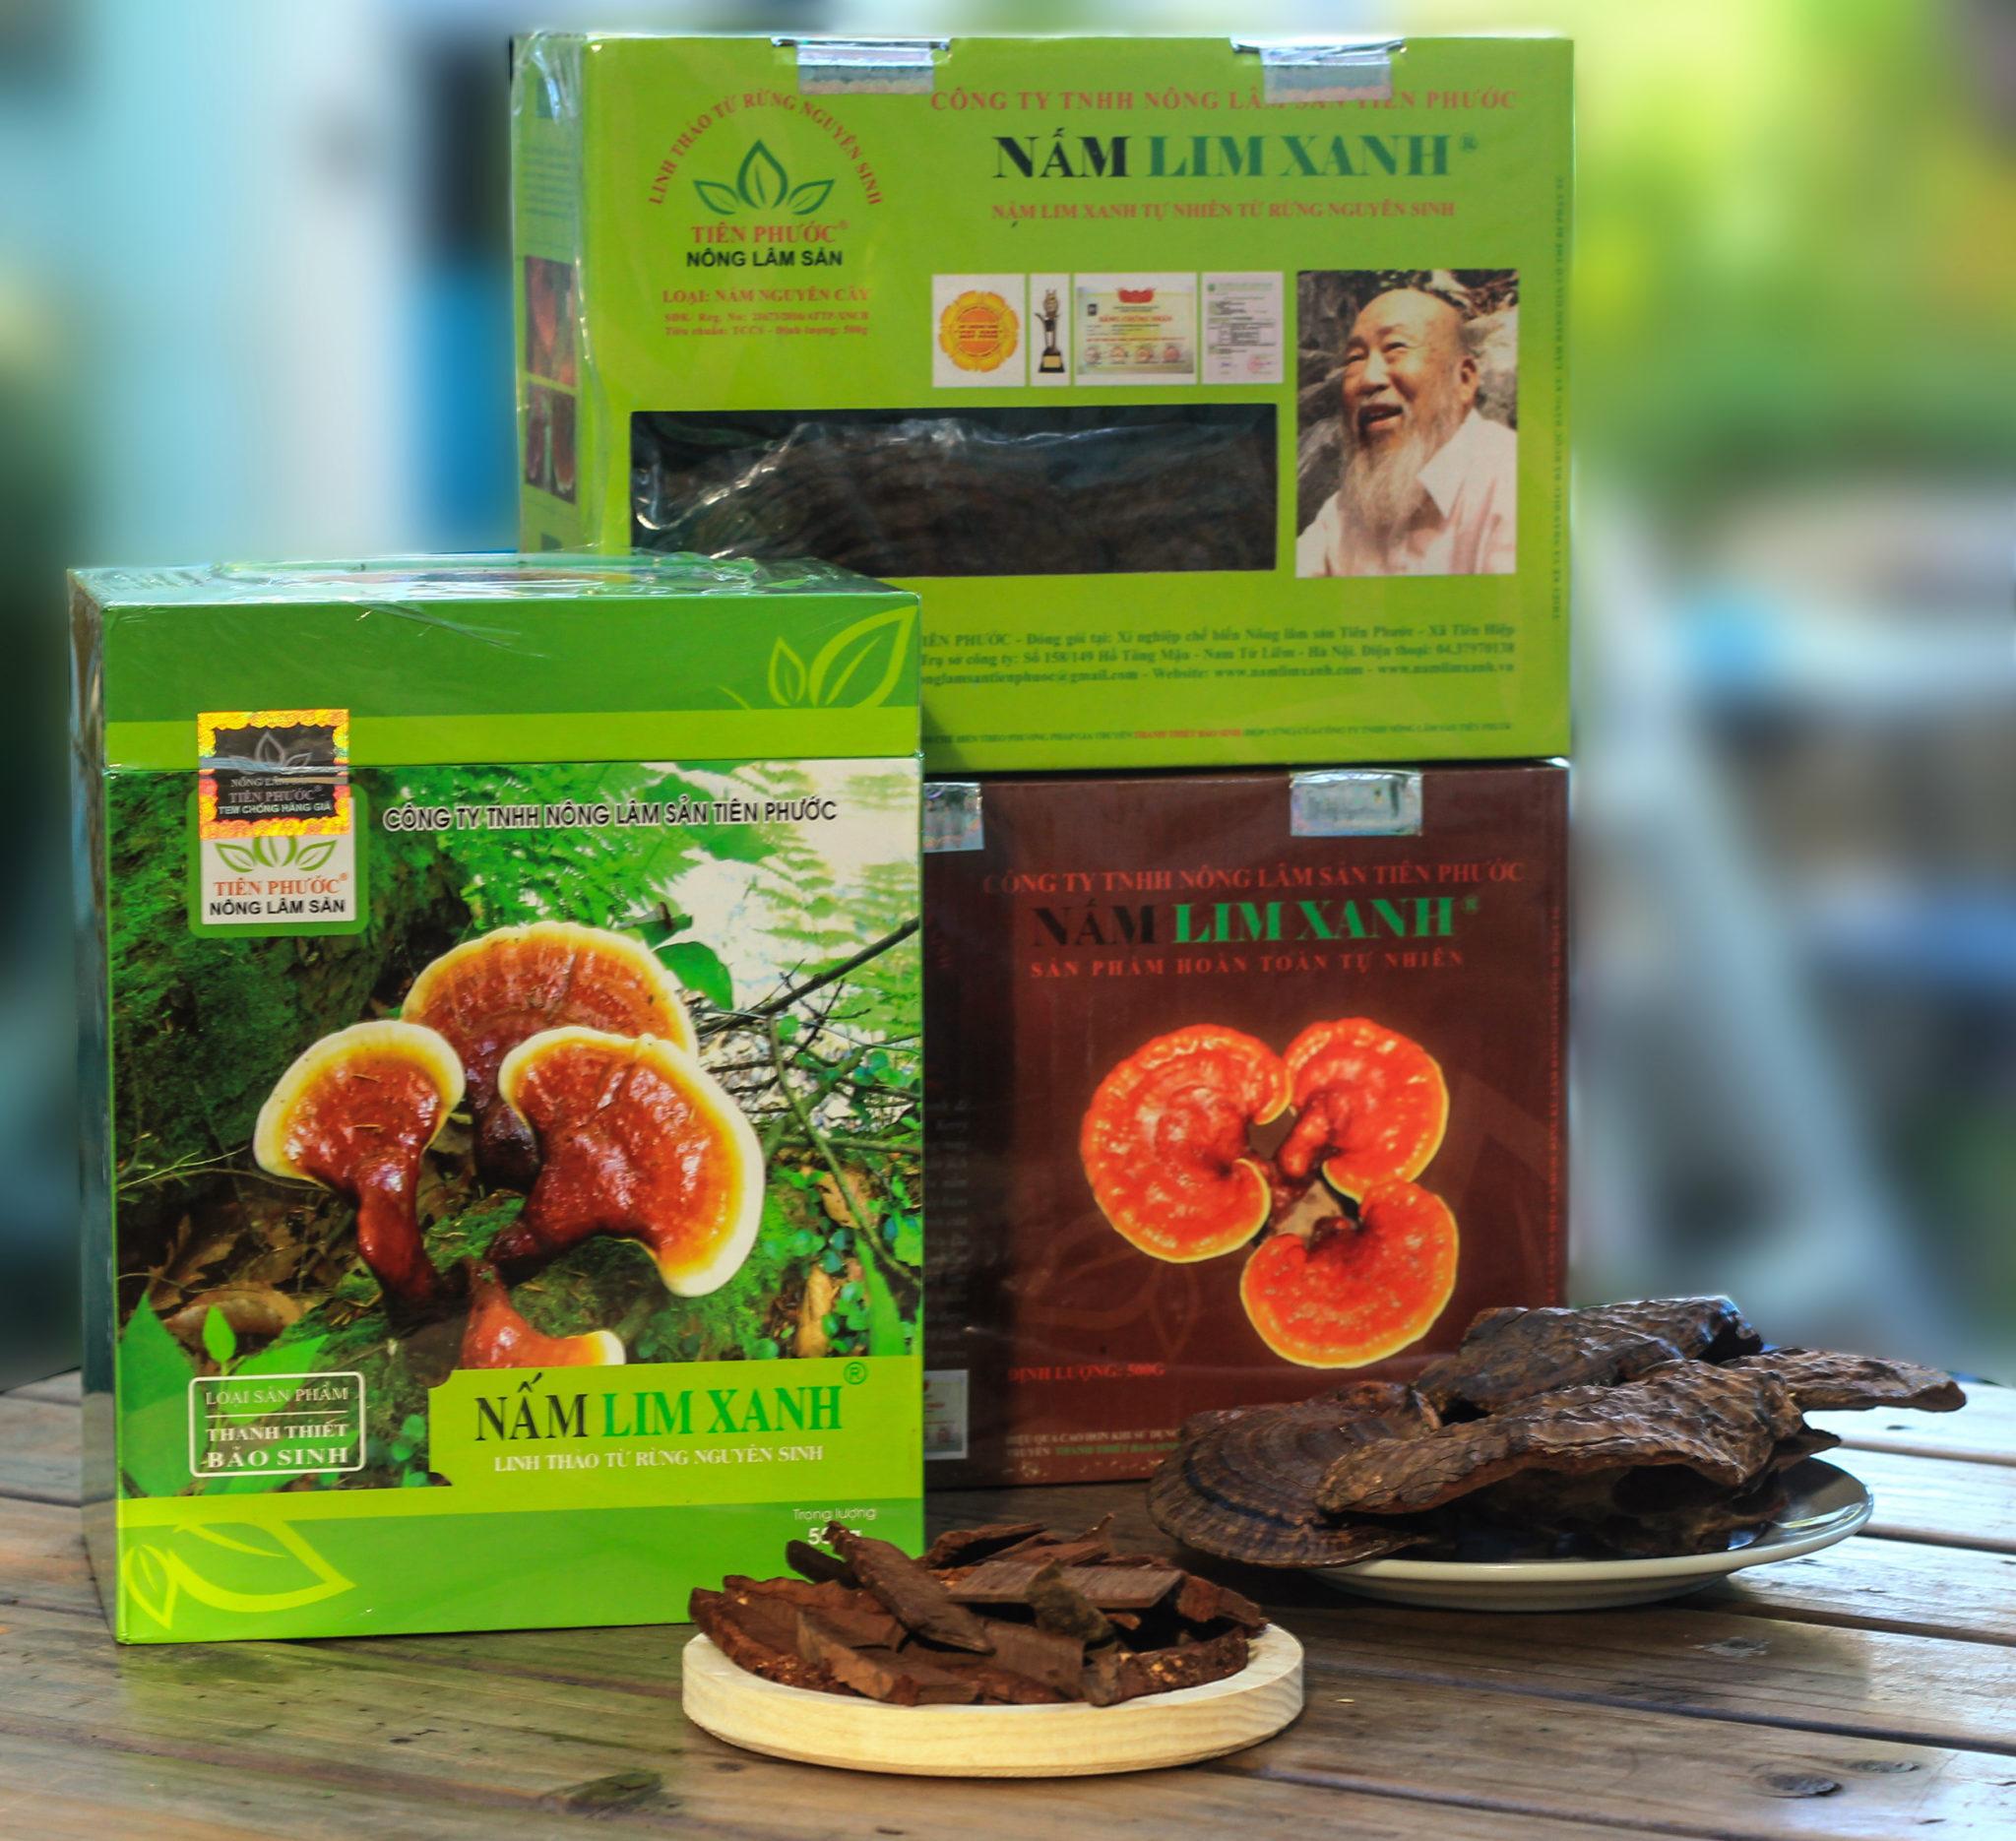 Đại lý bán nấm lim xanh tại Trà Vinh cung cấp sản phẩm nấm lim xanh rừng tự nhiên